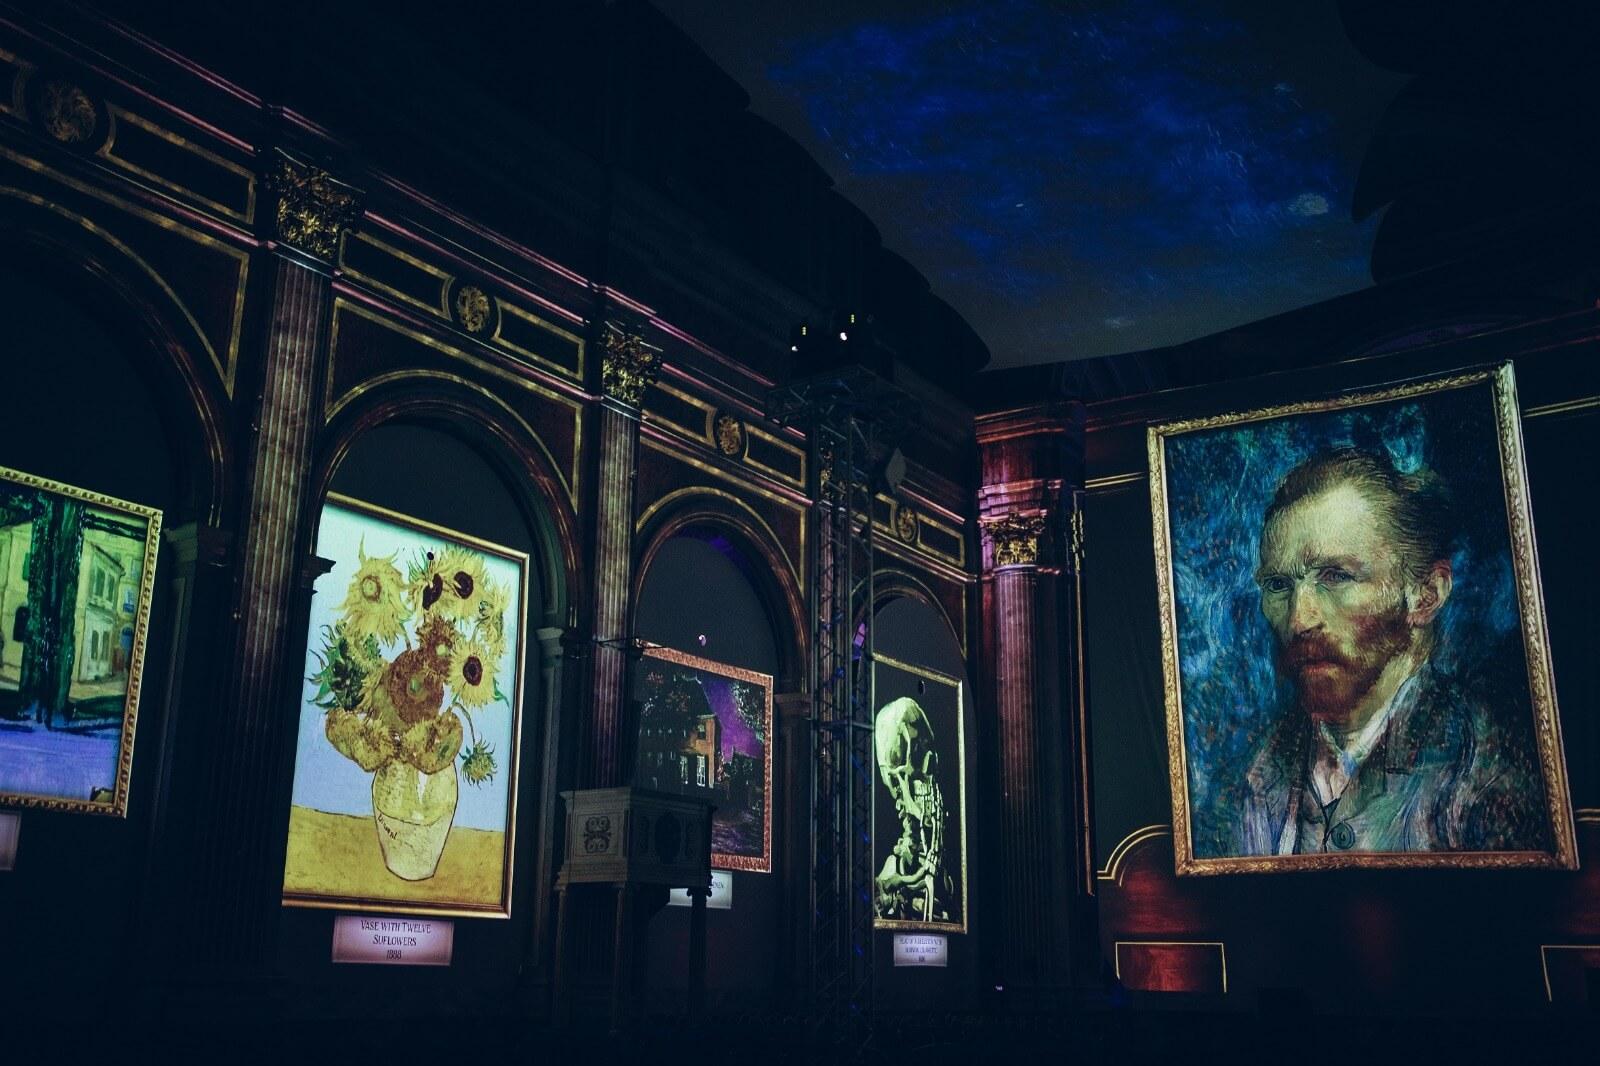 תערוכת הציורים של ואן גוך, לגדול